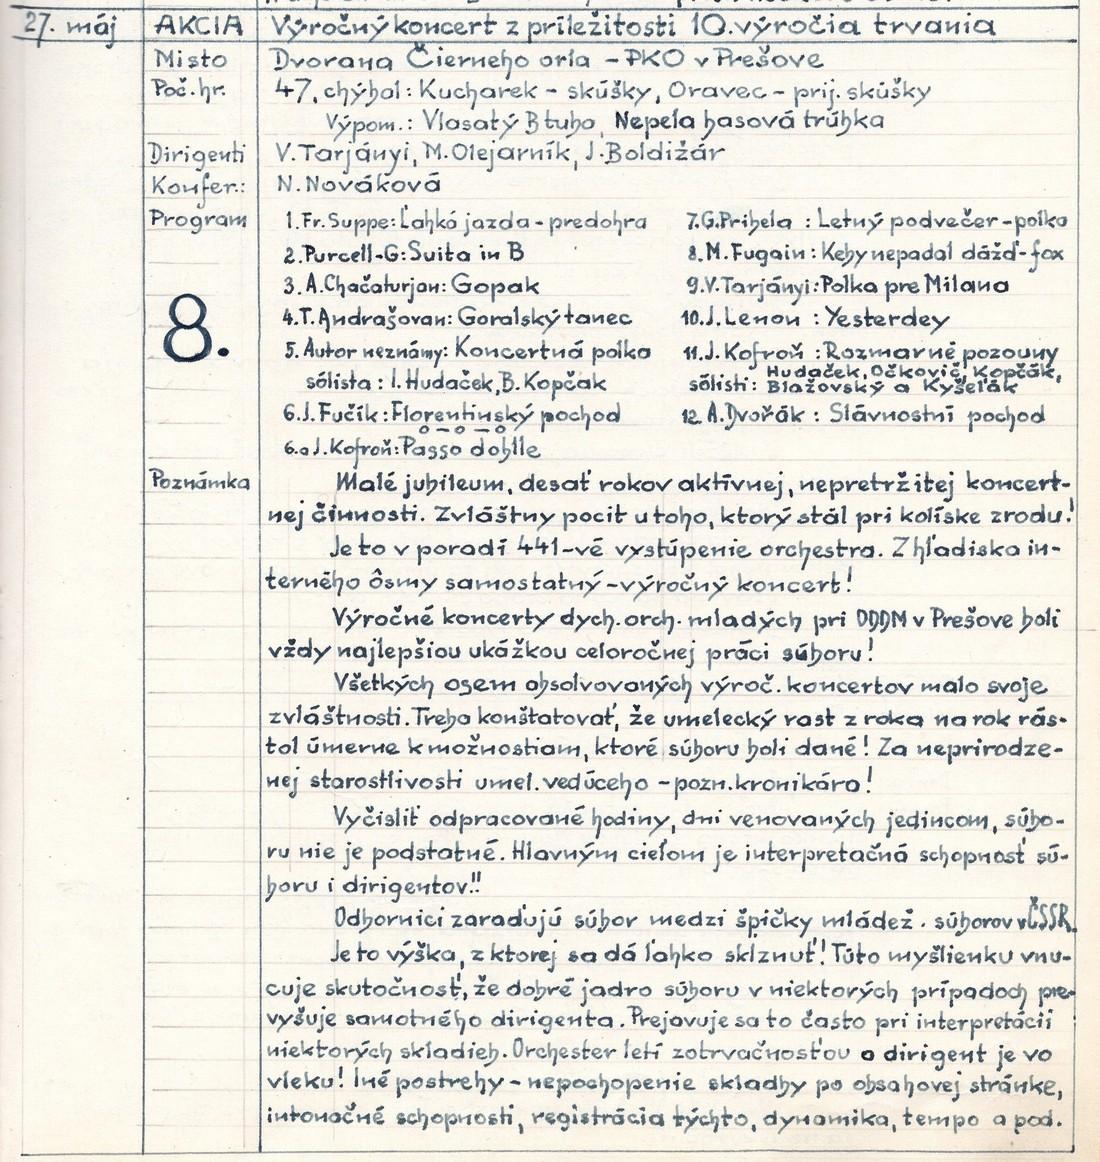 Program 8. výročného koncertu MDO ODPaM Prešov (PKO Prešov 27.05. 1970)